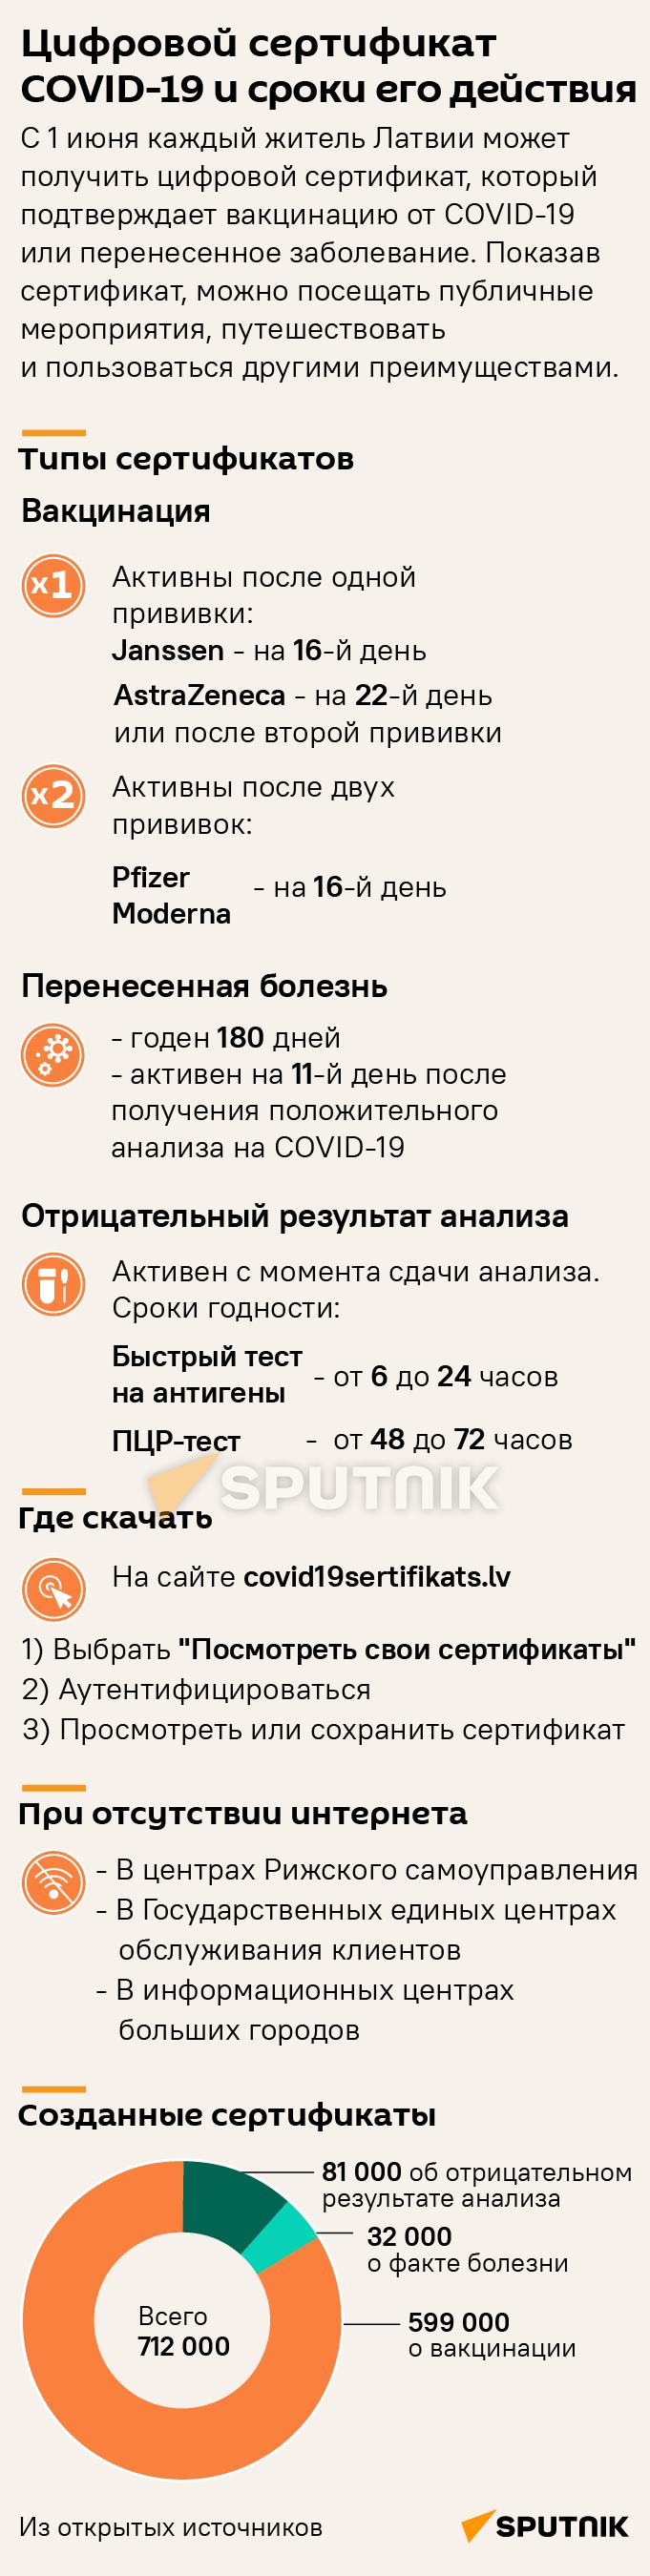 Цифровой сертификат COVID-19 и сроки его действия - Sputnik Латвия